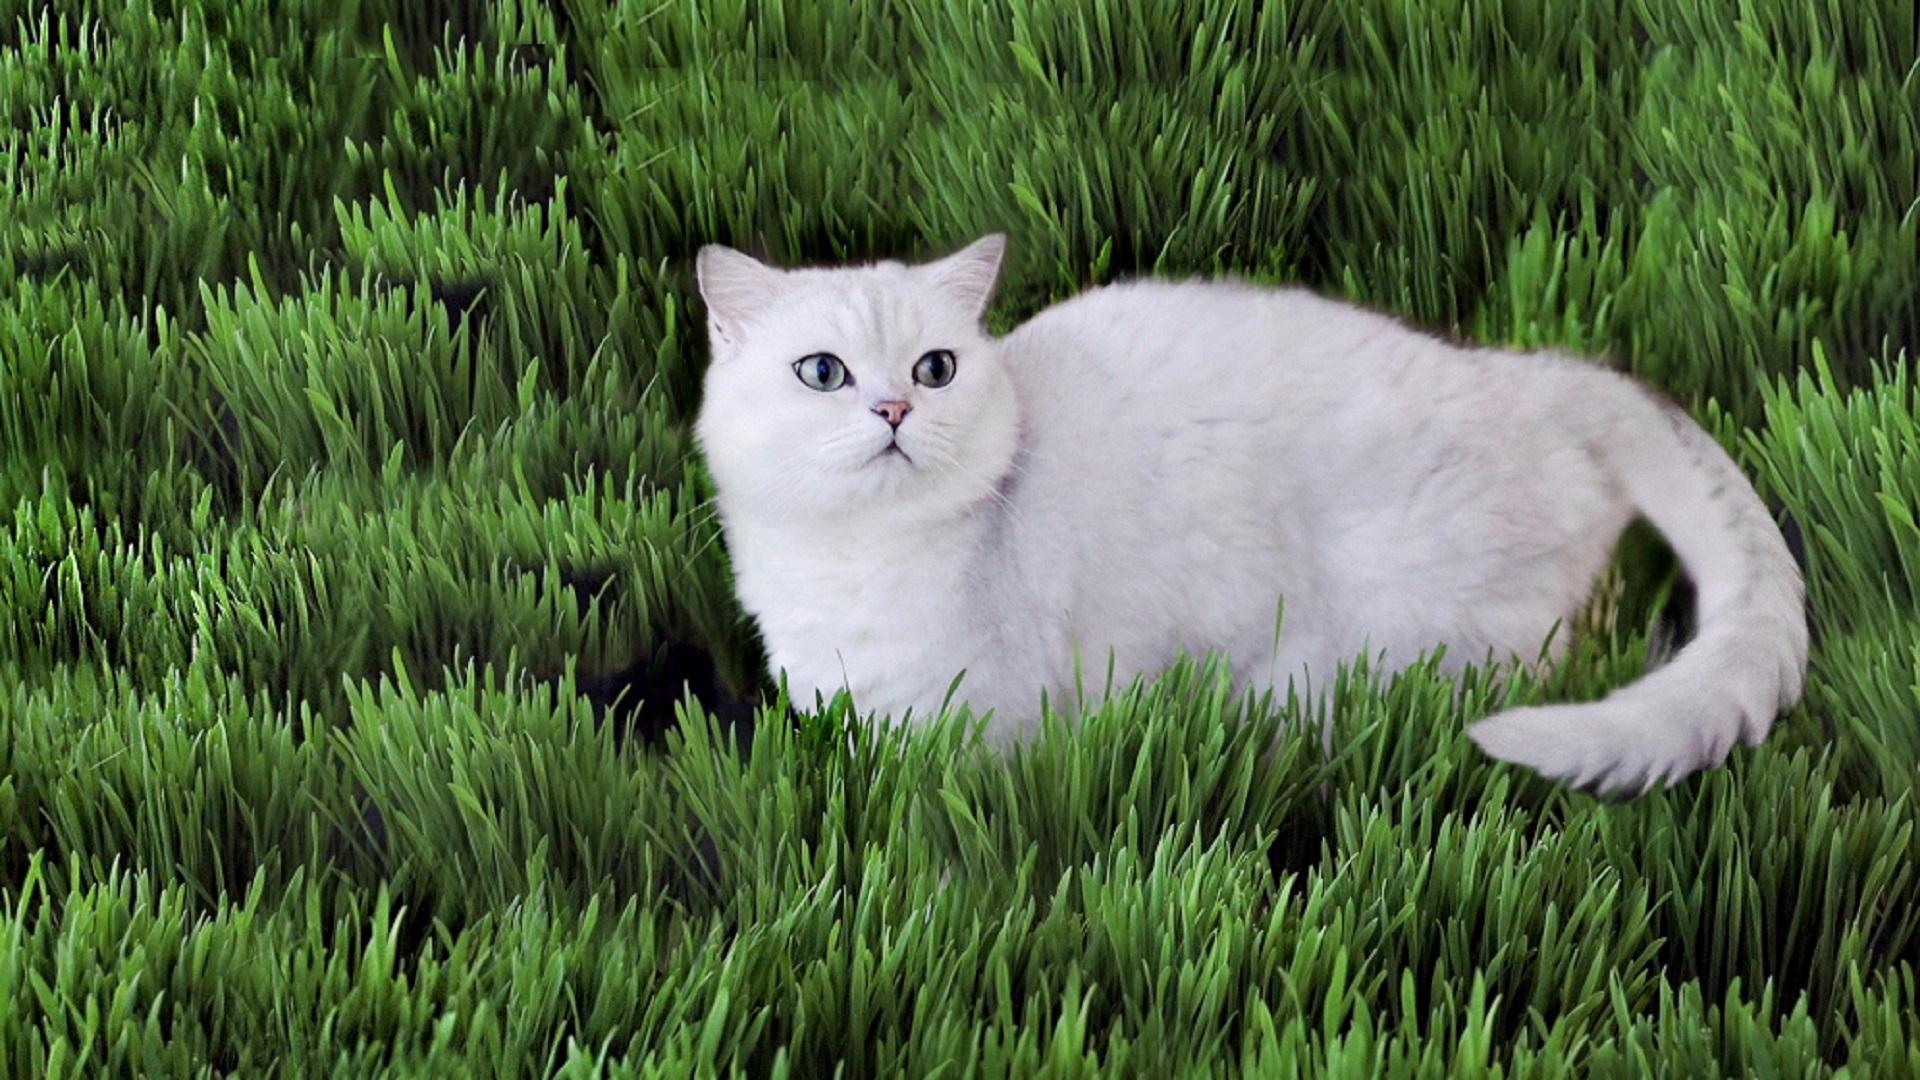 猫草疯长一屋子,5只猫轮番上阵,吃到打嗝~